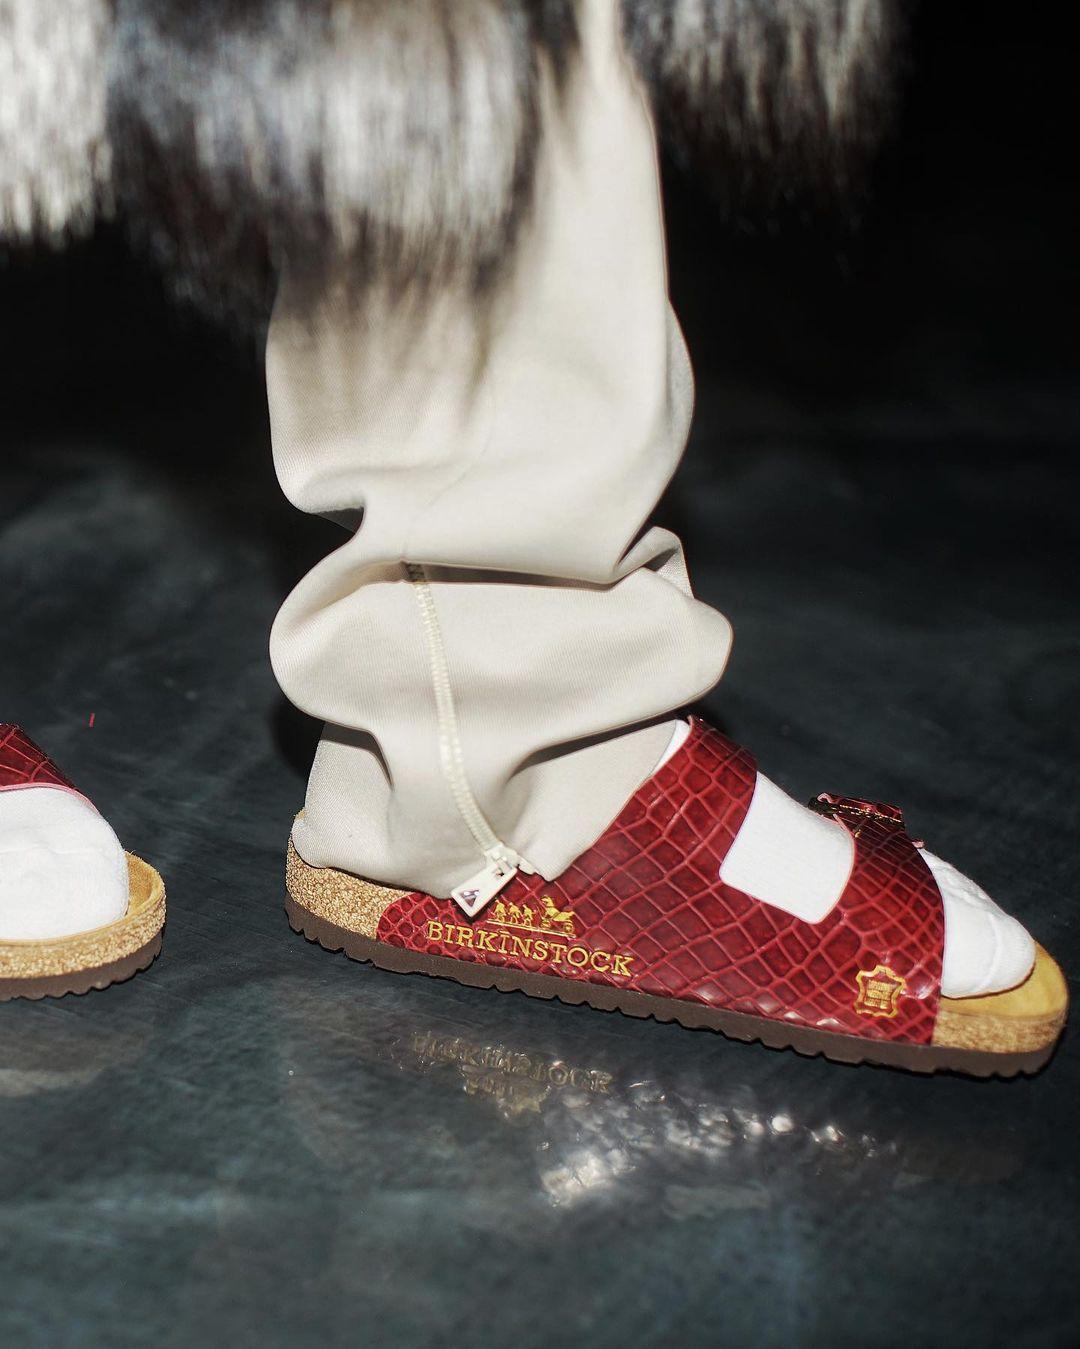 Future穿的这双拖鞋价值23万元..